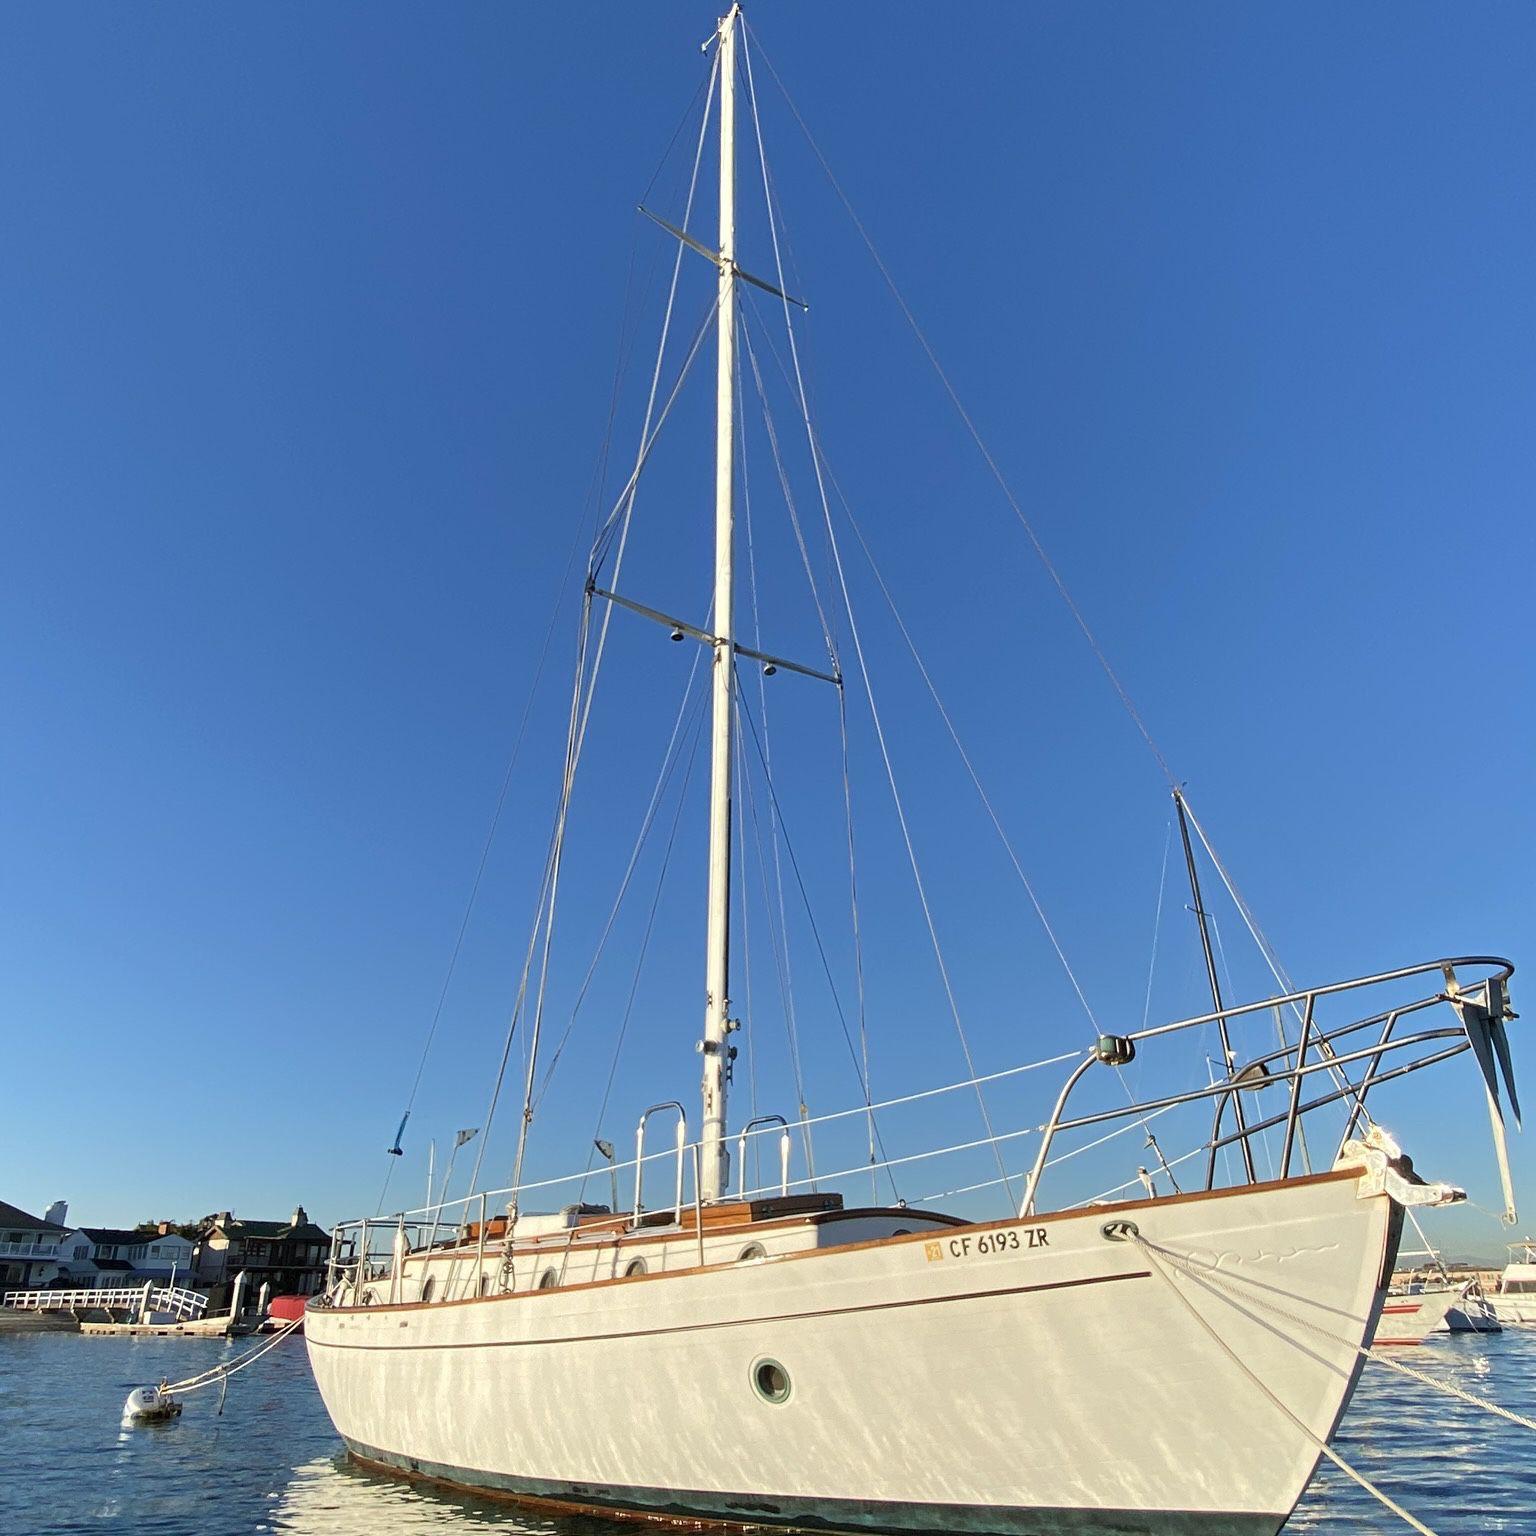 Photo 37 Rafiki Cutter Sailboat 37 Ft World Cruising Capable Boat Yacht Cruiser Tayana